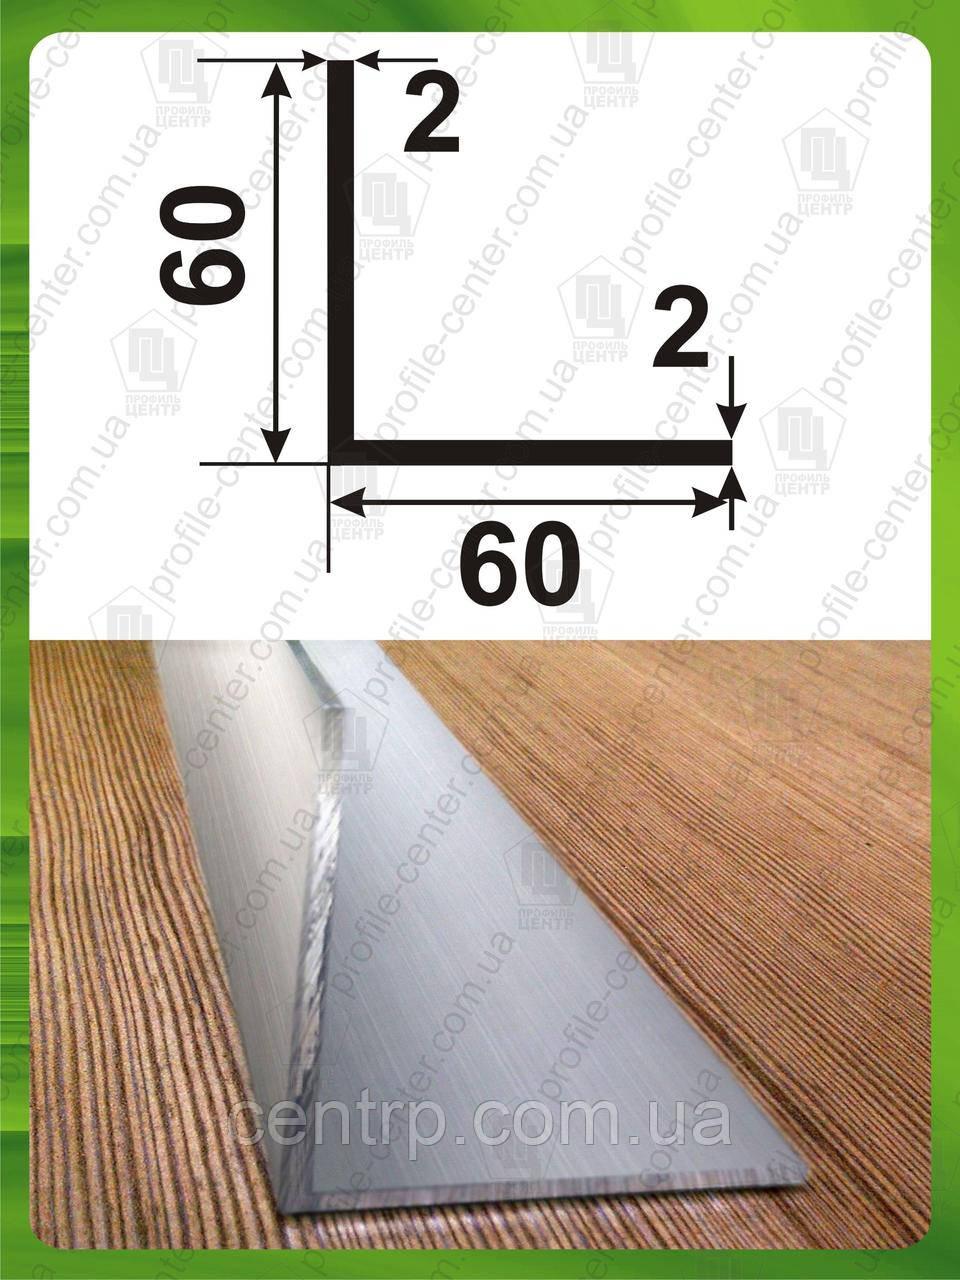 Уголок алюминиевый 60х60х2 равнополочный равносторонний